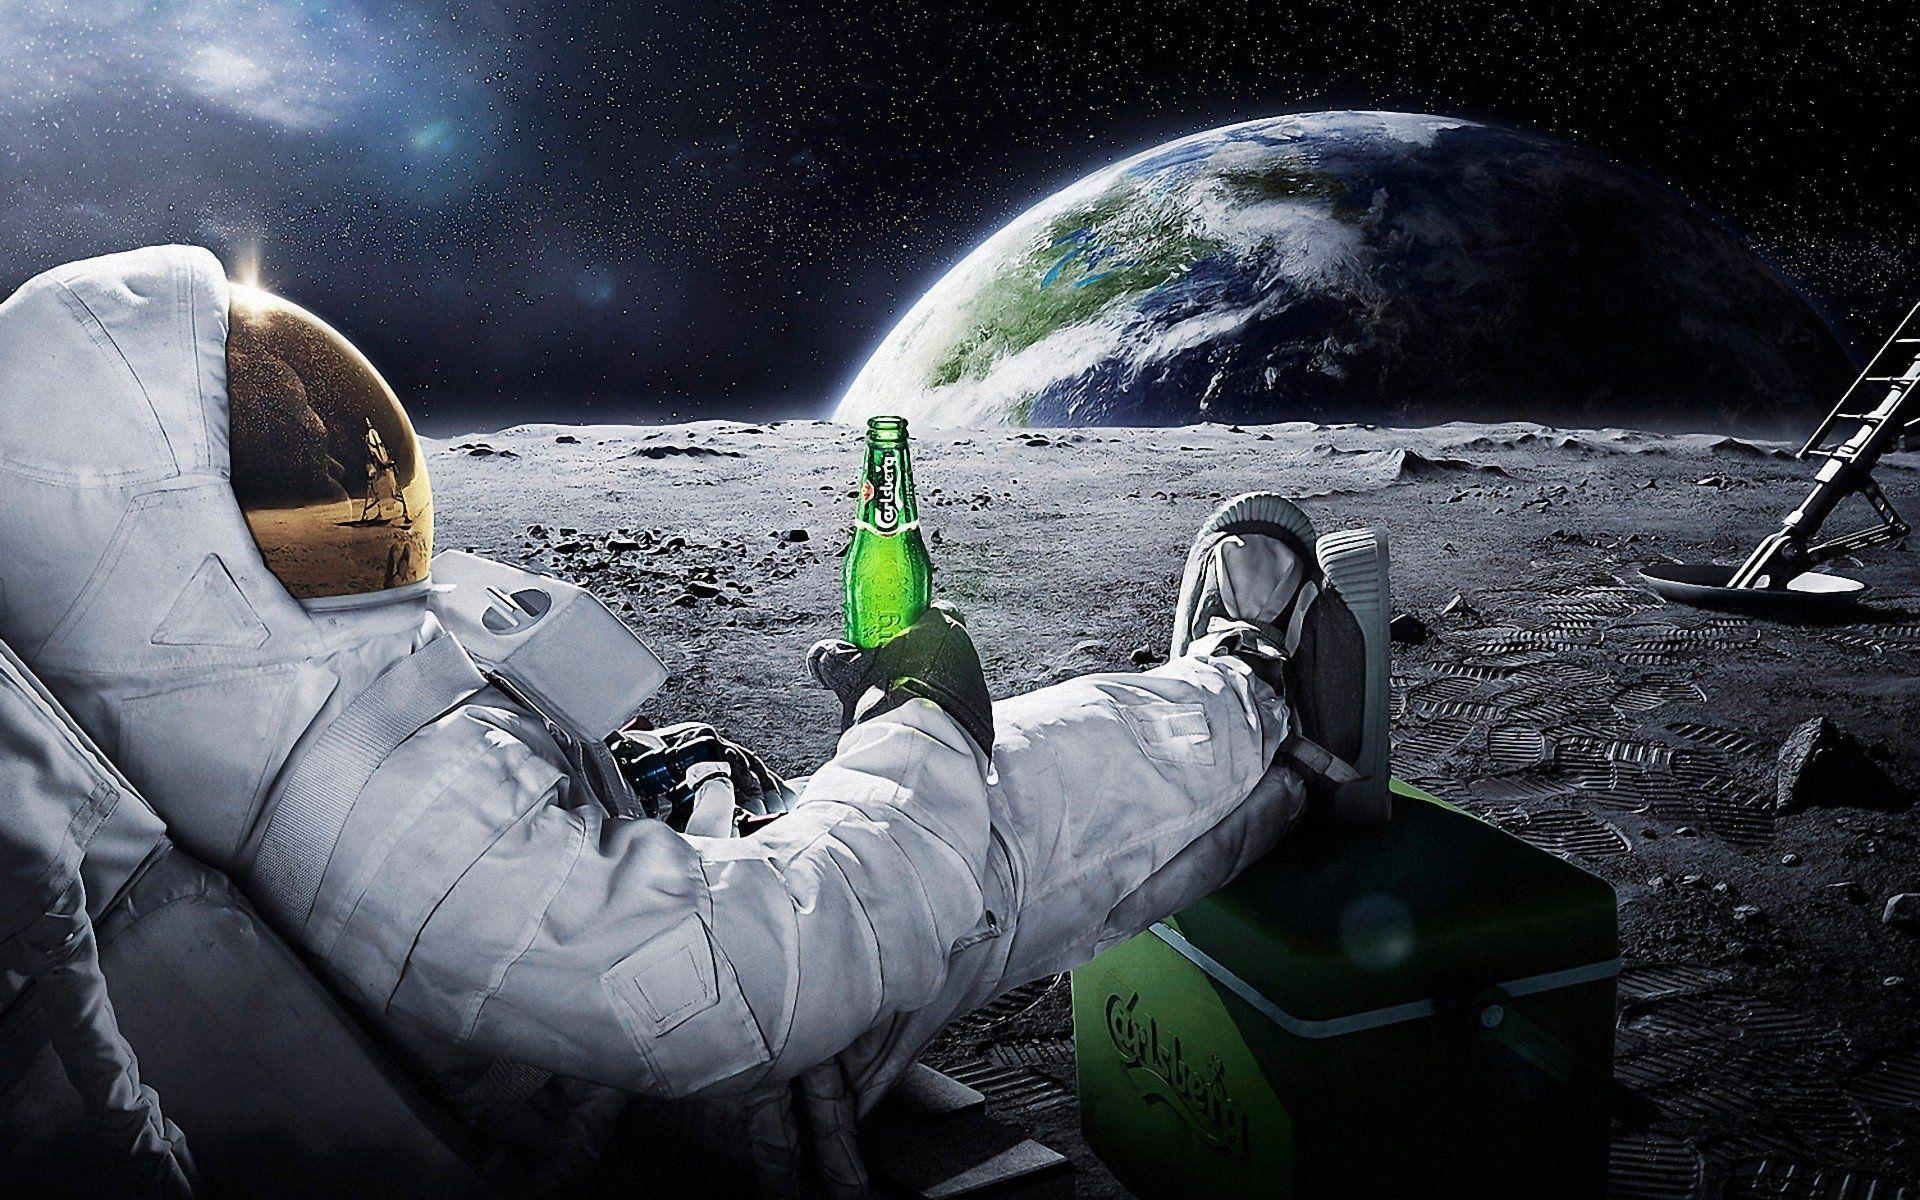 Astronaut Drinks Beer Humor High Definition Wallpaper Wallpaper Space Backgrounds Desktop Hd Wallpapers 1080p